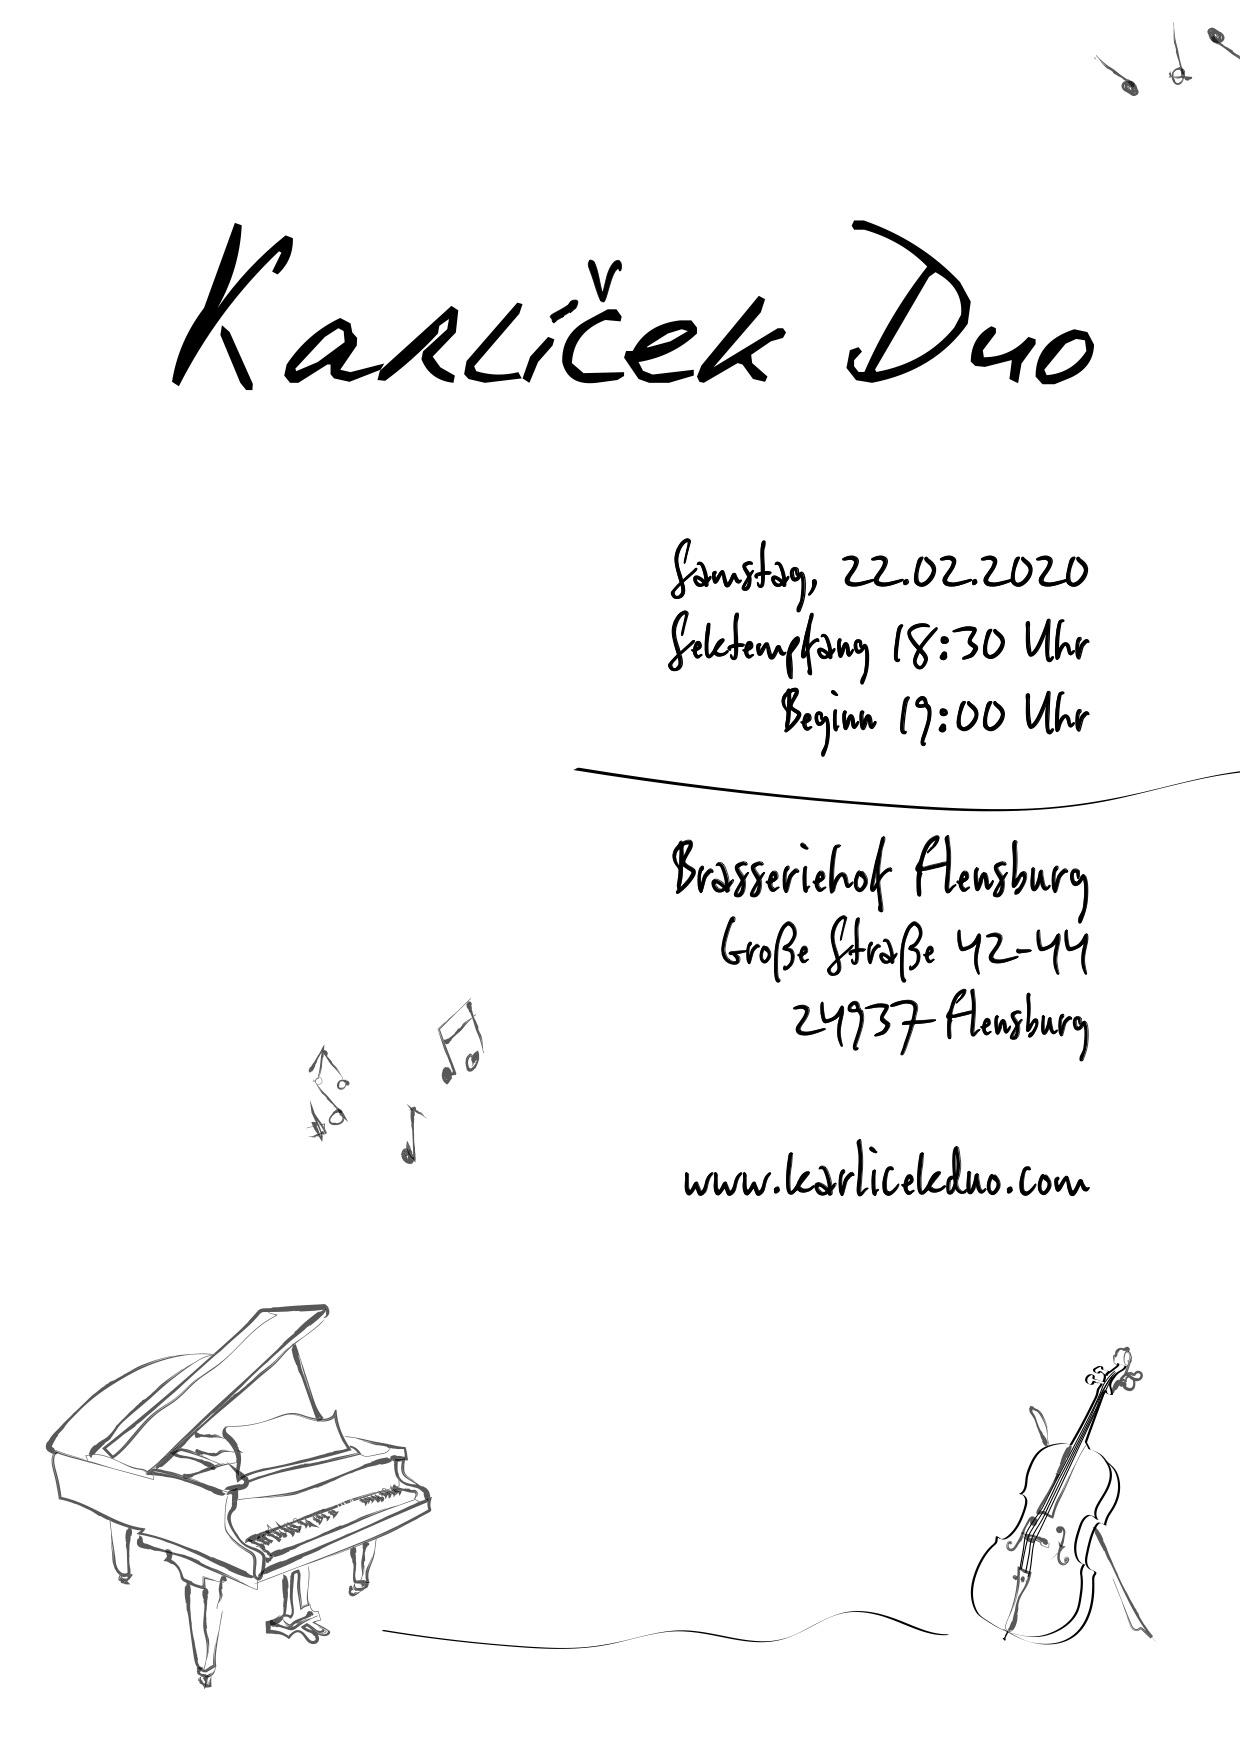 Plakat Karlicek Duo 22.02.2020